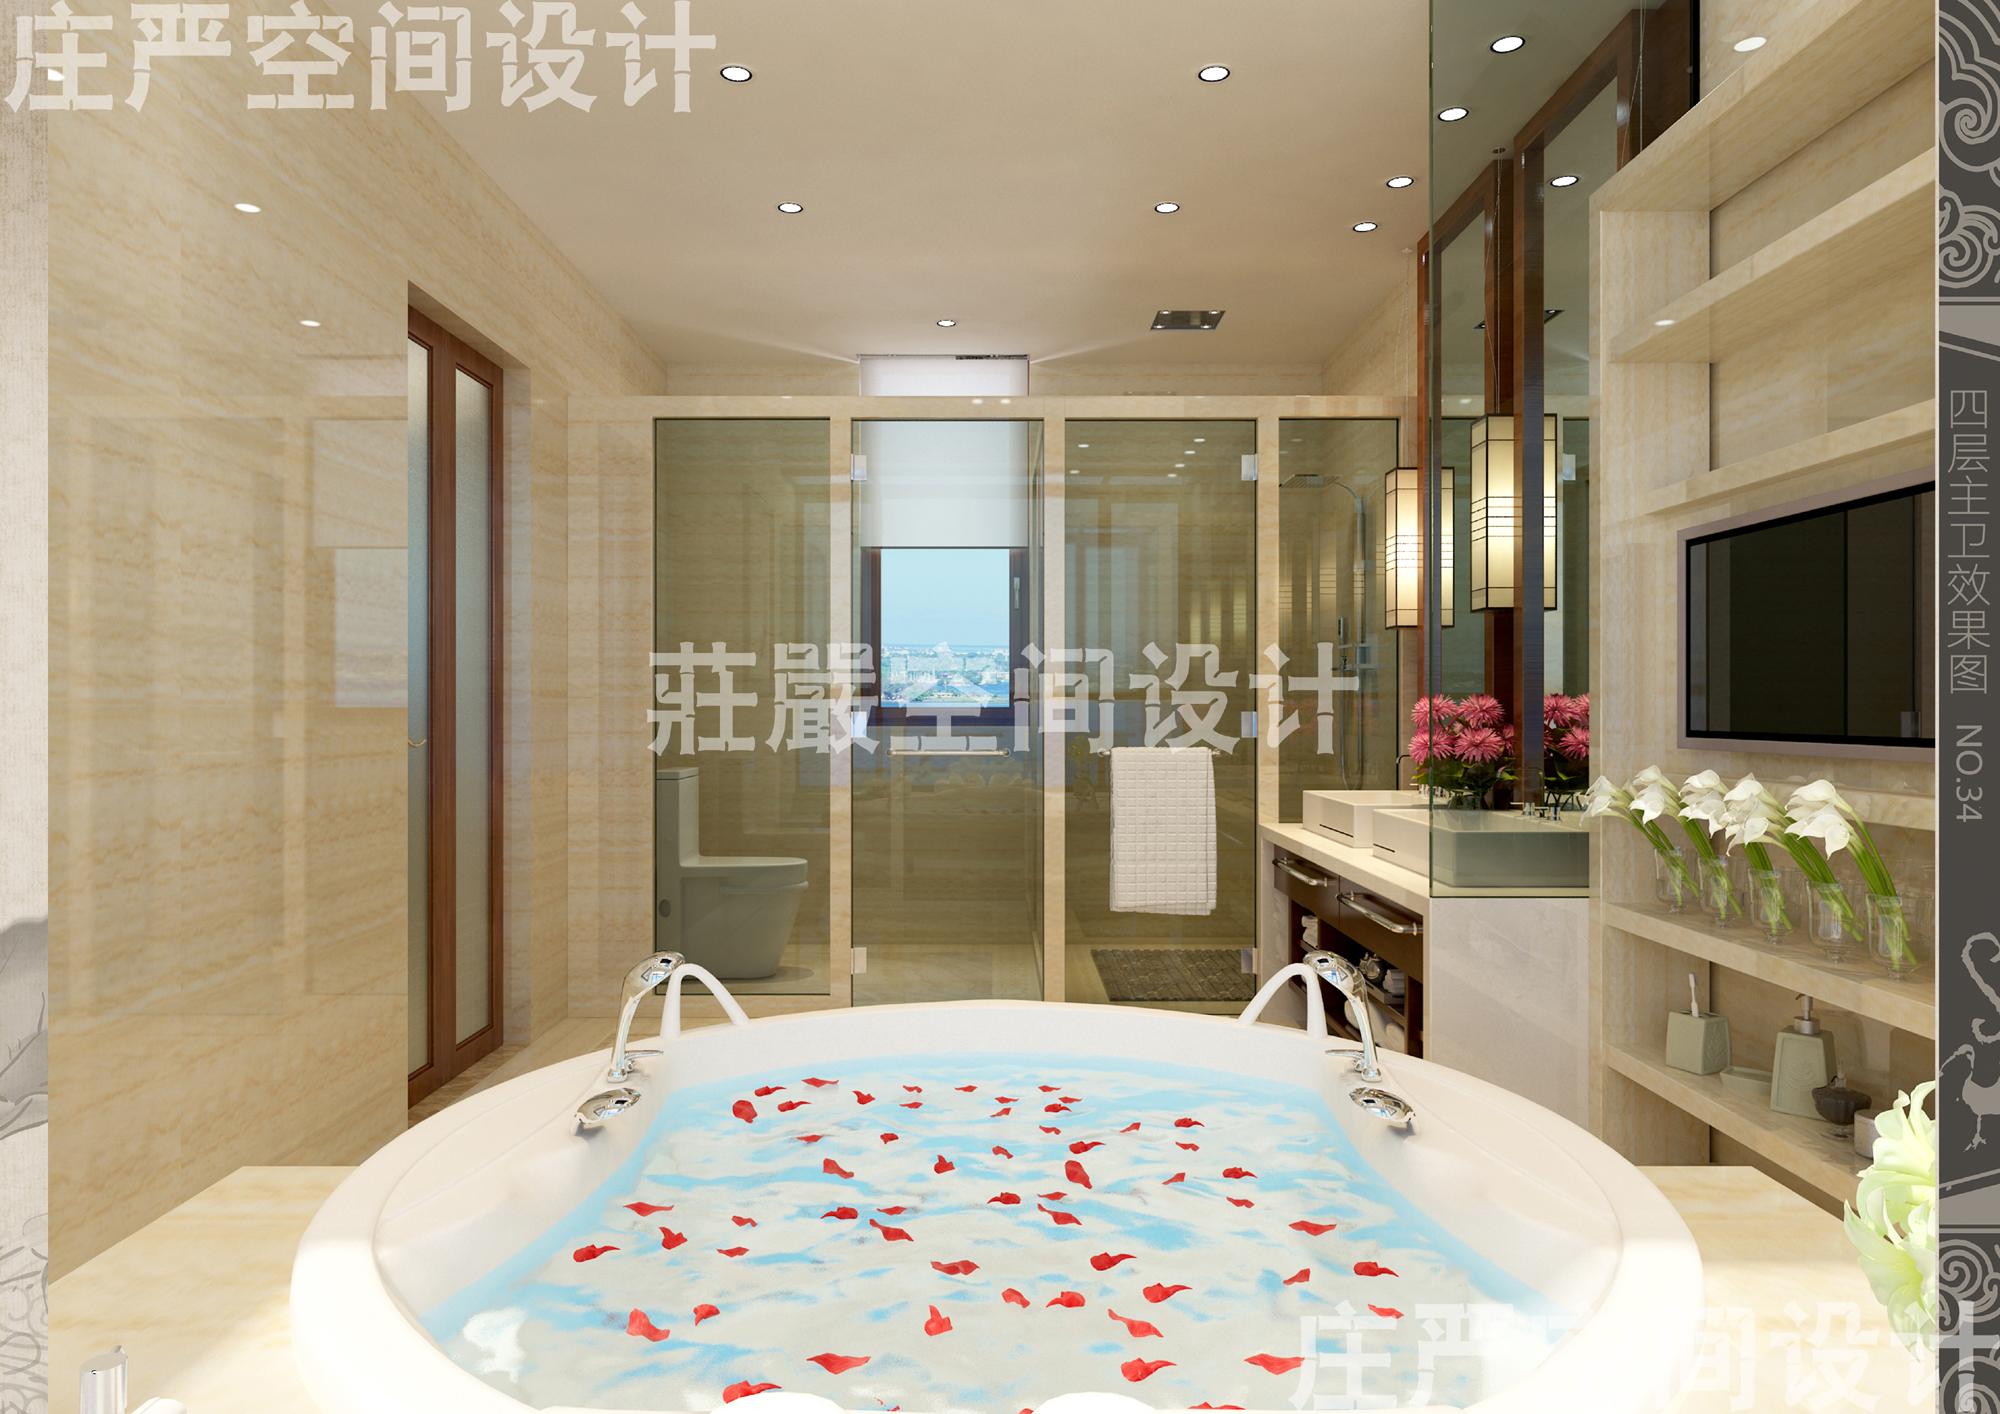 客厅 卧室 浴室图片来自庄严空间设计在威海两岸金岭别墅的分享